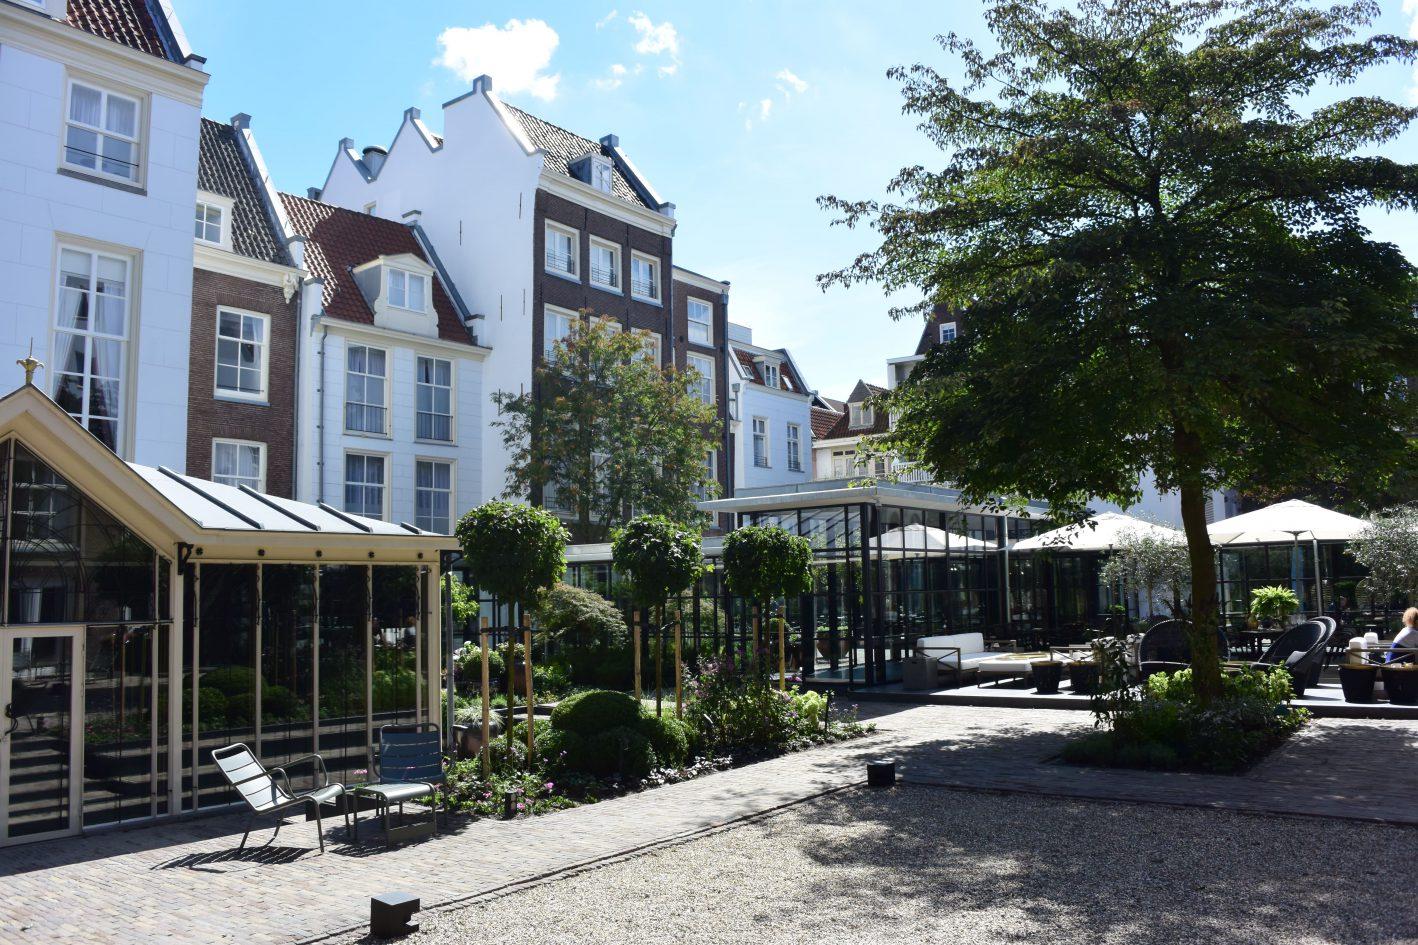 Oplevering pulitzer hotel amsterdam salverda for Pulitzer hotel in amsterdam